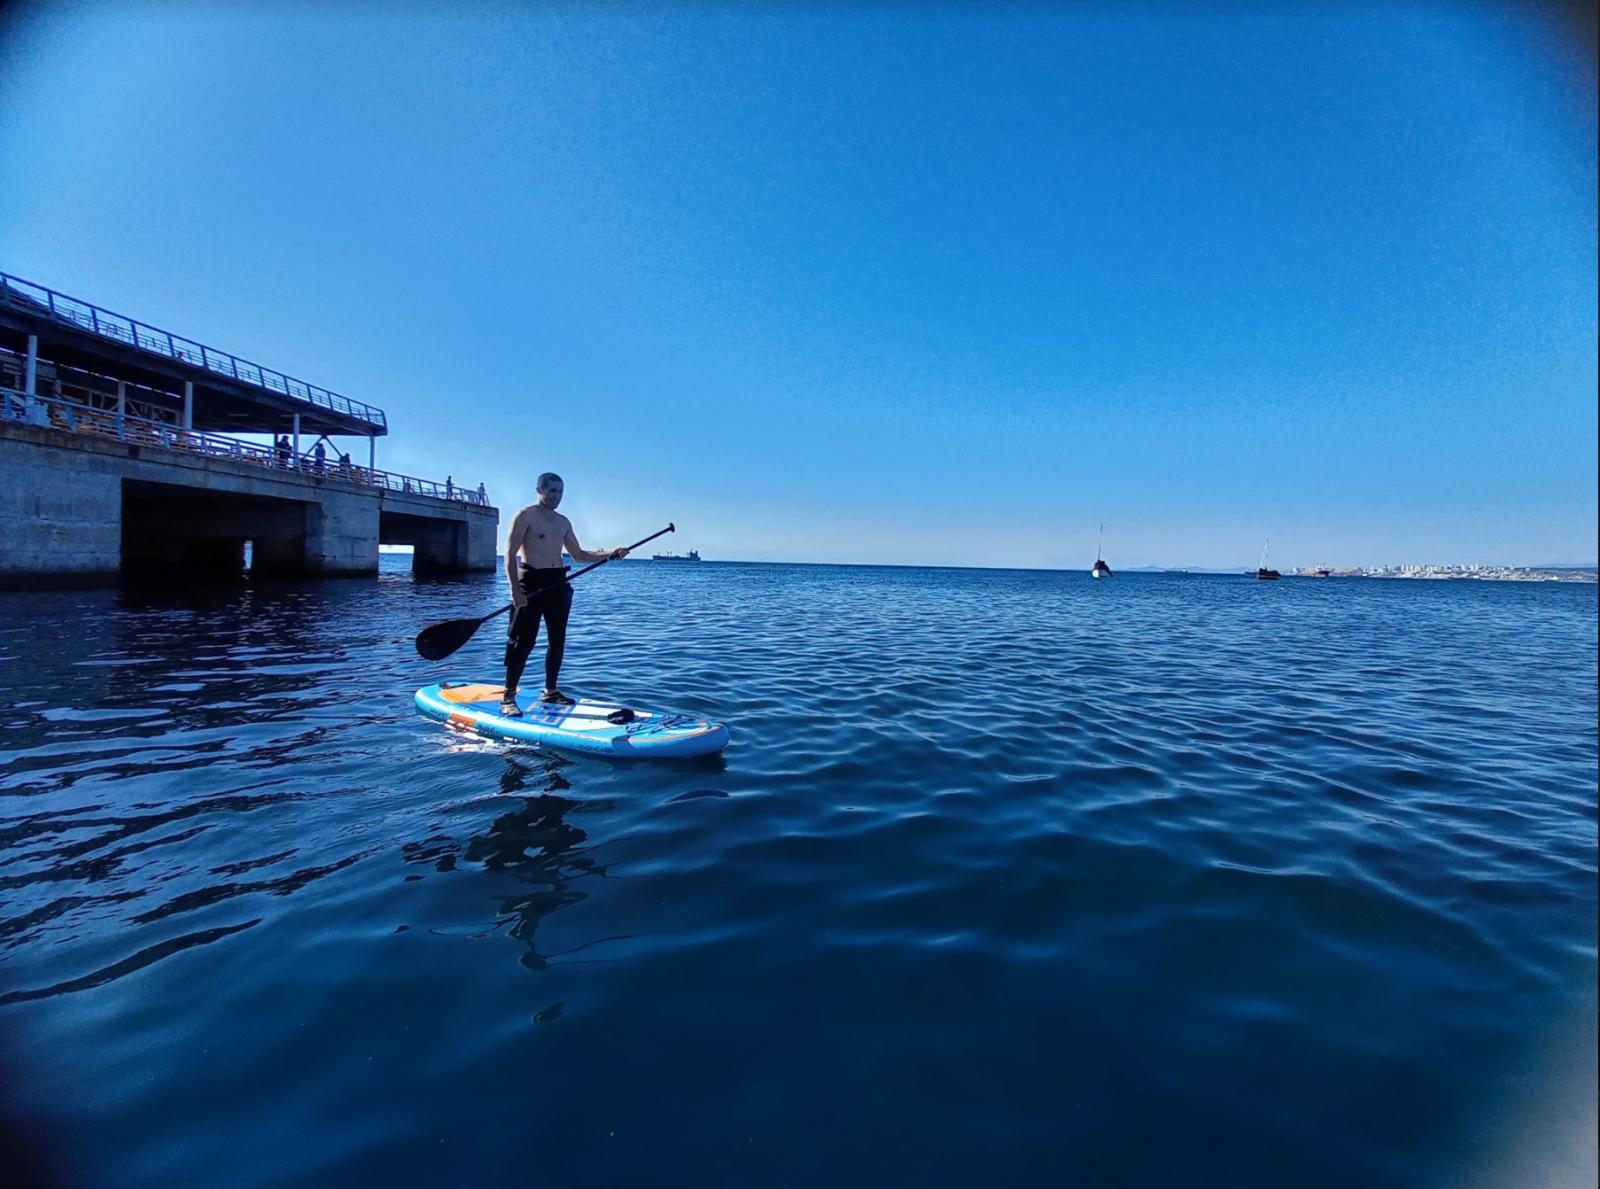 Taller de Stand-Up Paddle en Valparaíso